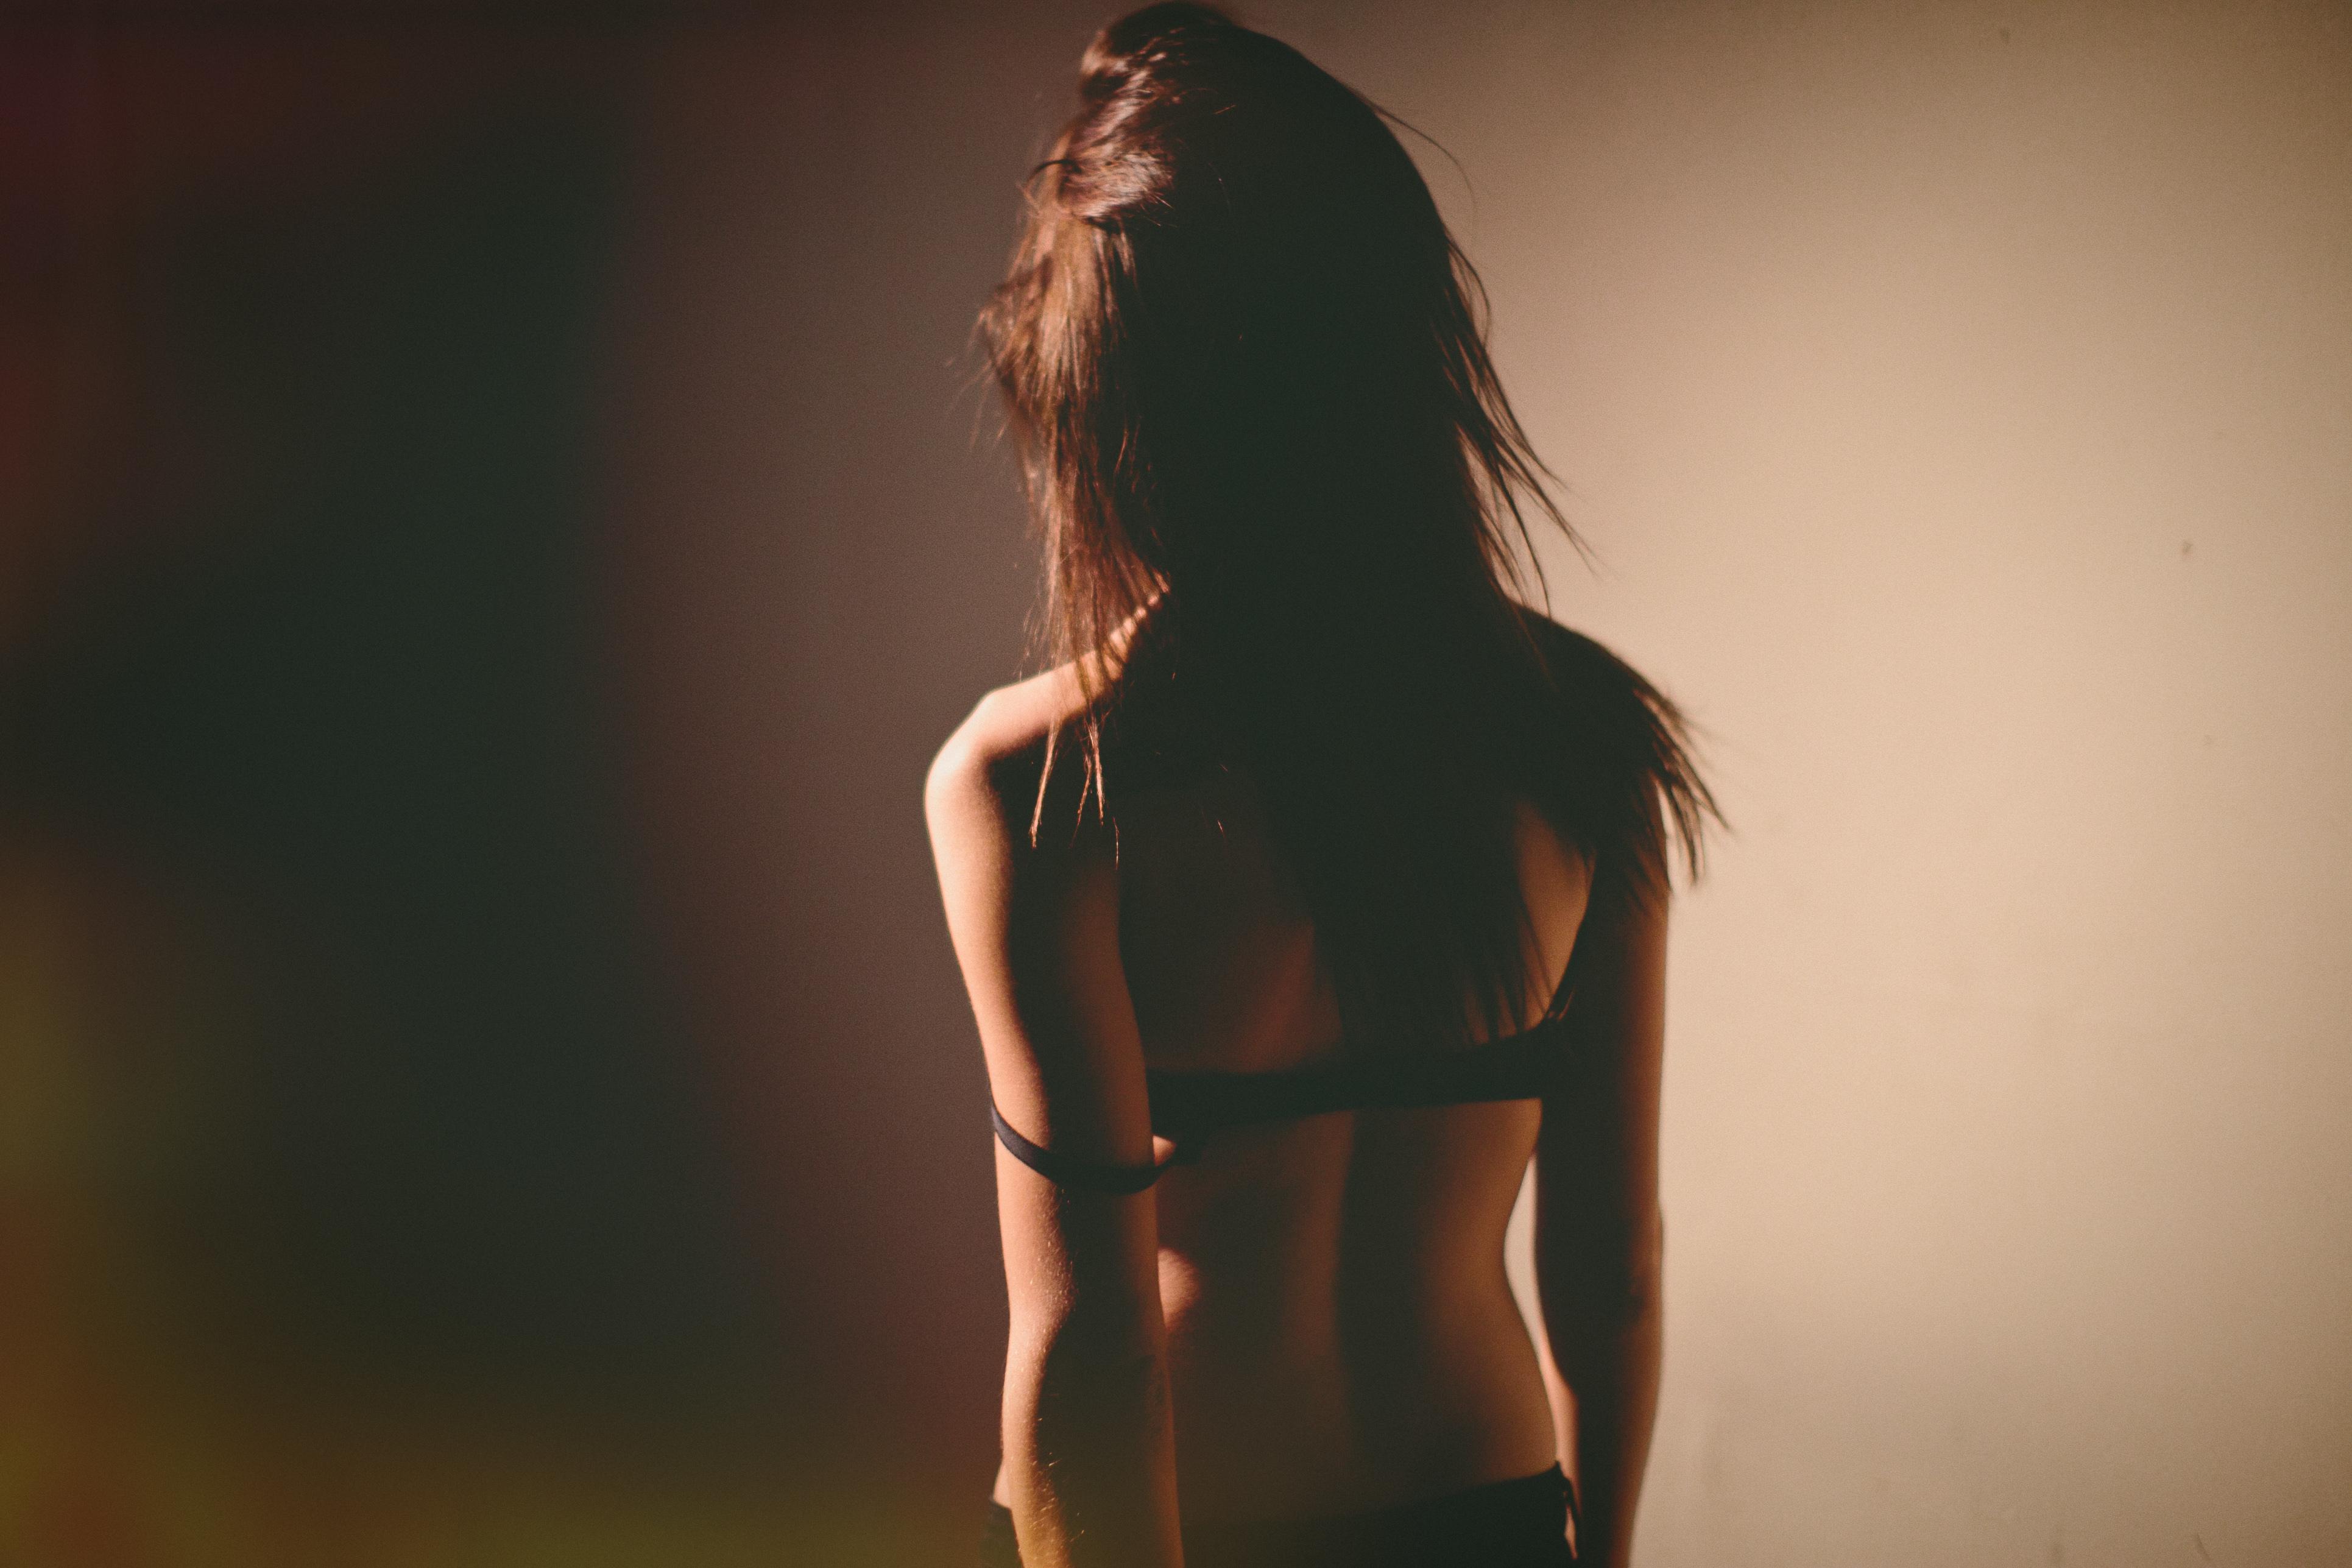 Фотография брюнеток зади, Фотки красивых девушек брюнеток сзади 14 фотография